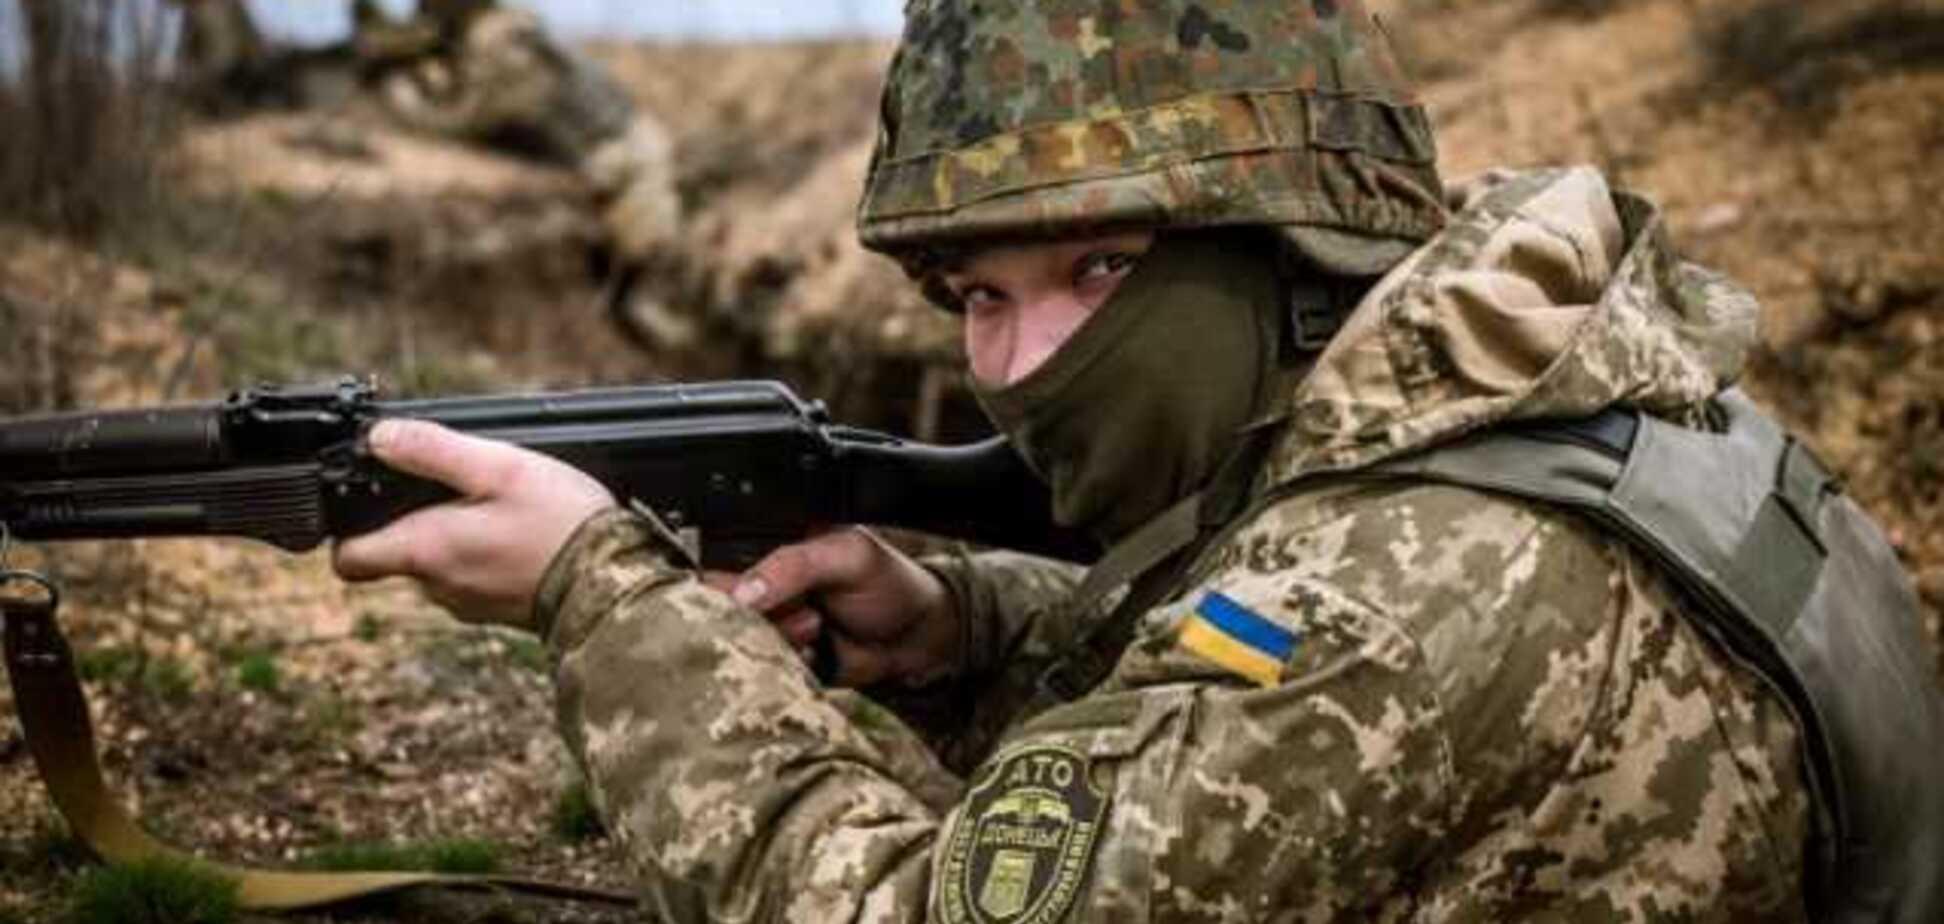 Терористи вдарили по ОС на Донбасі: у ЗСУ багато поранених та вбитий